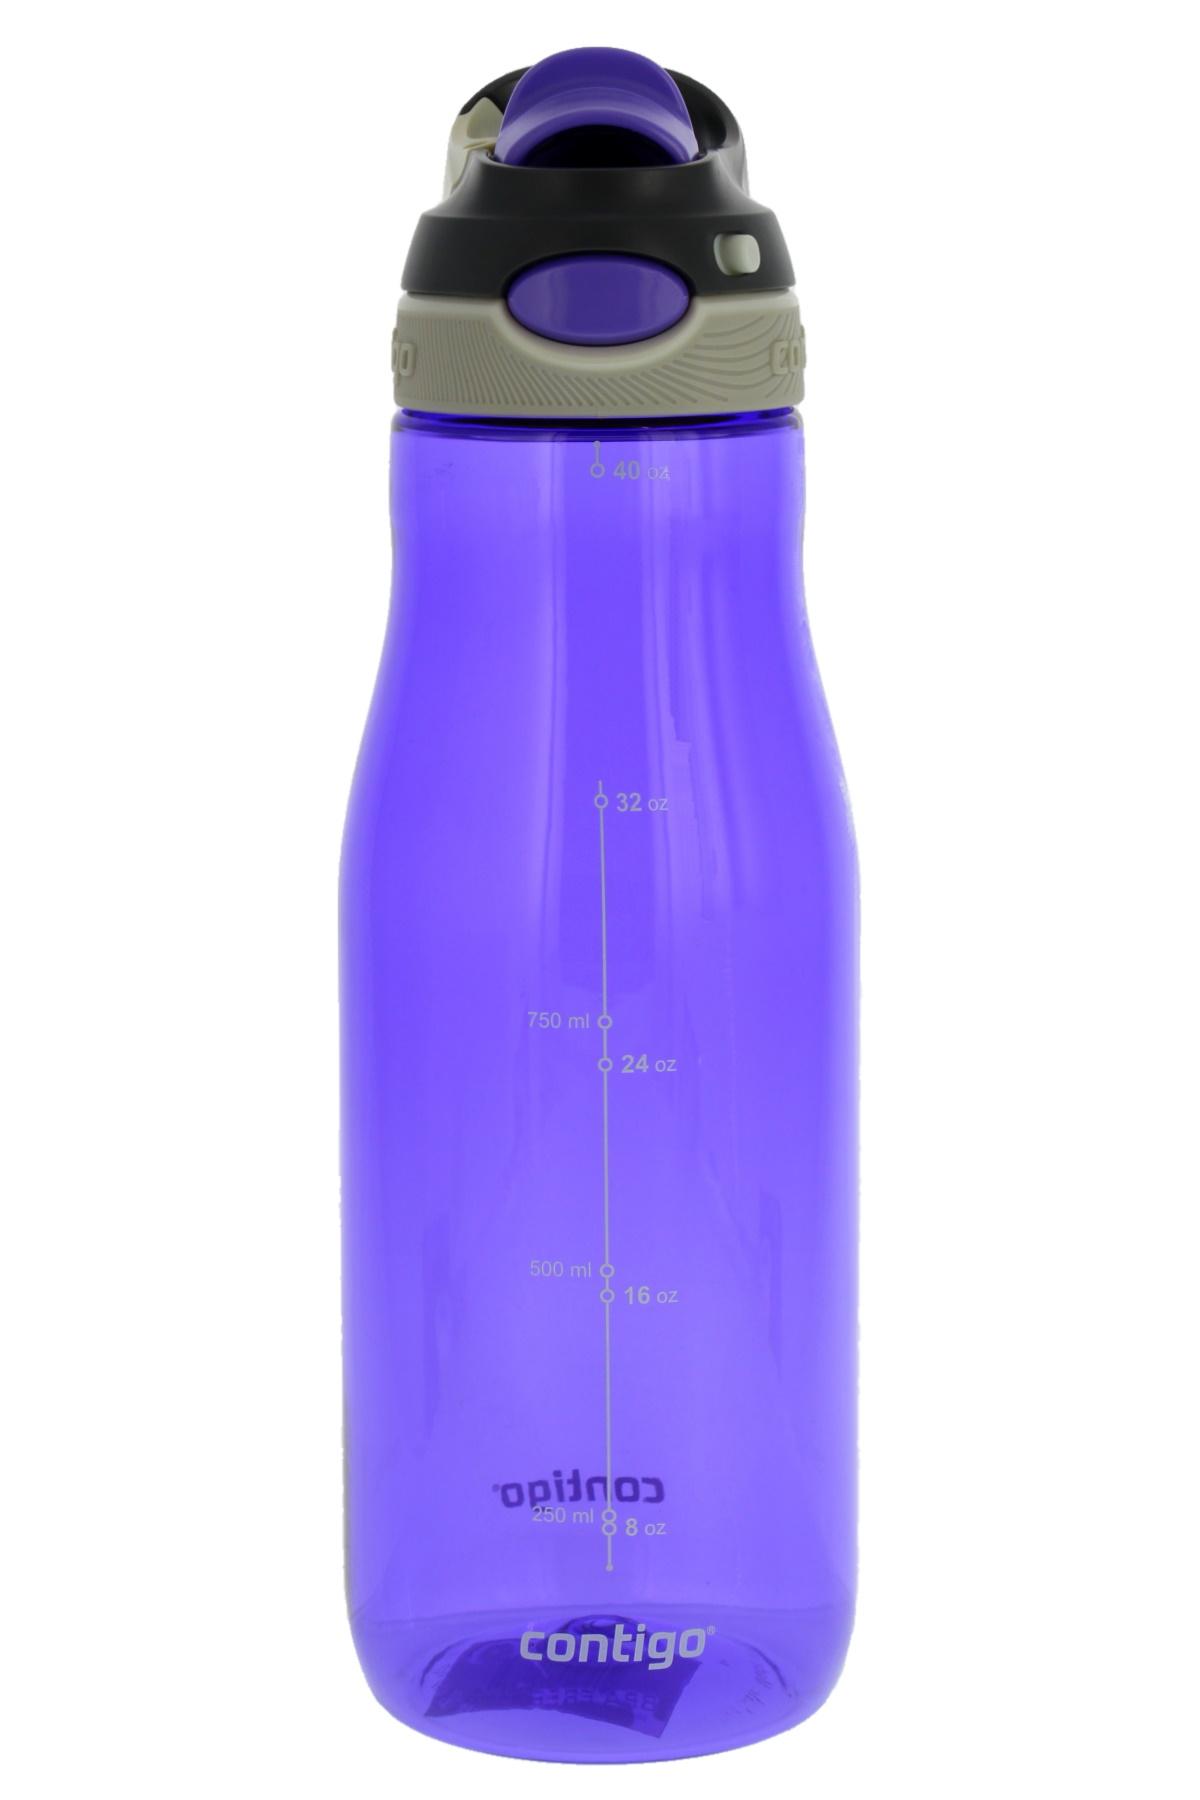 Contigo AUTOSPOUT Water Bottle – Chug, 40oz – Leak-Proof